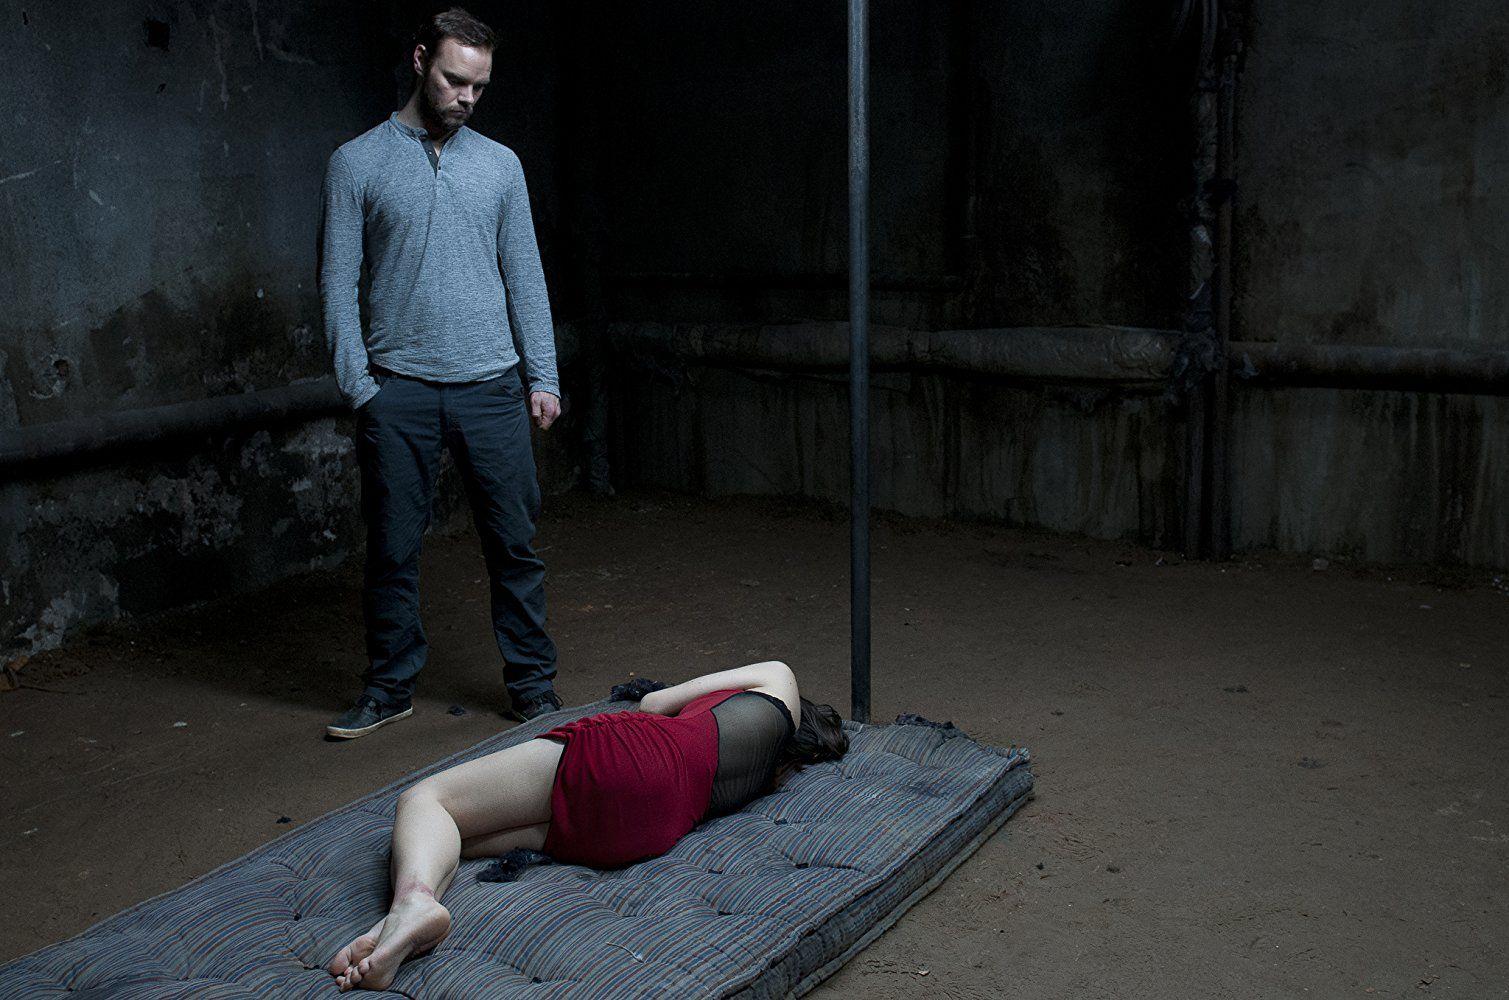 Joe Absolom stands over an imprisoned Jemma Dallender in I Spit on Your Grave 2 (2013)